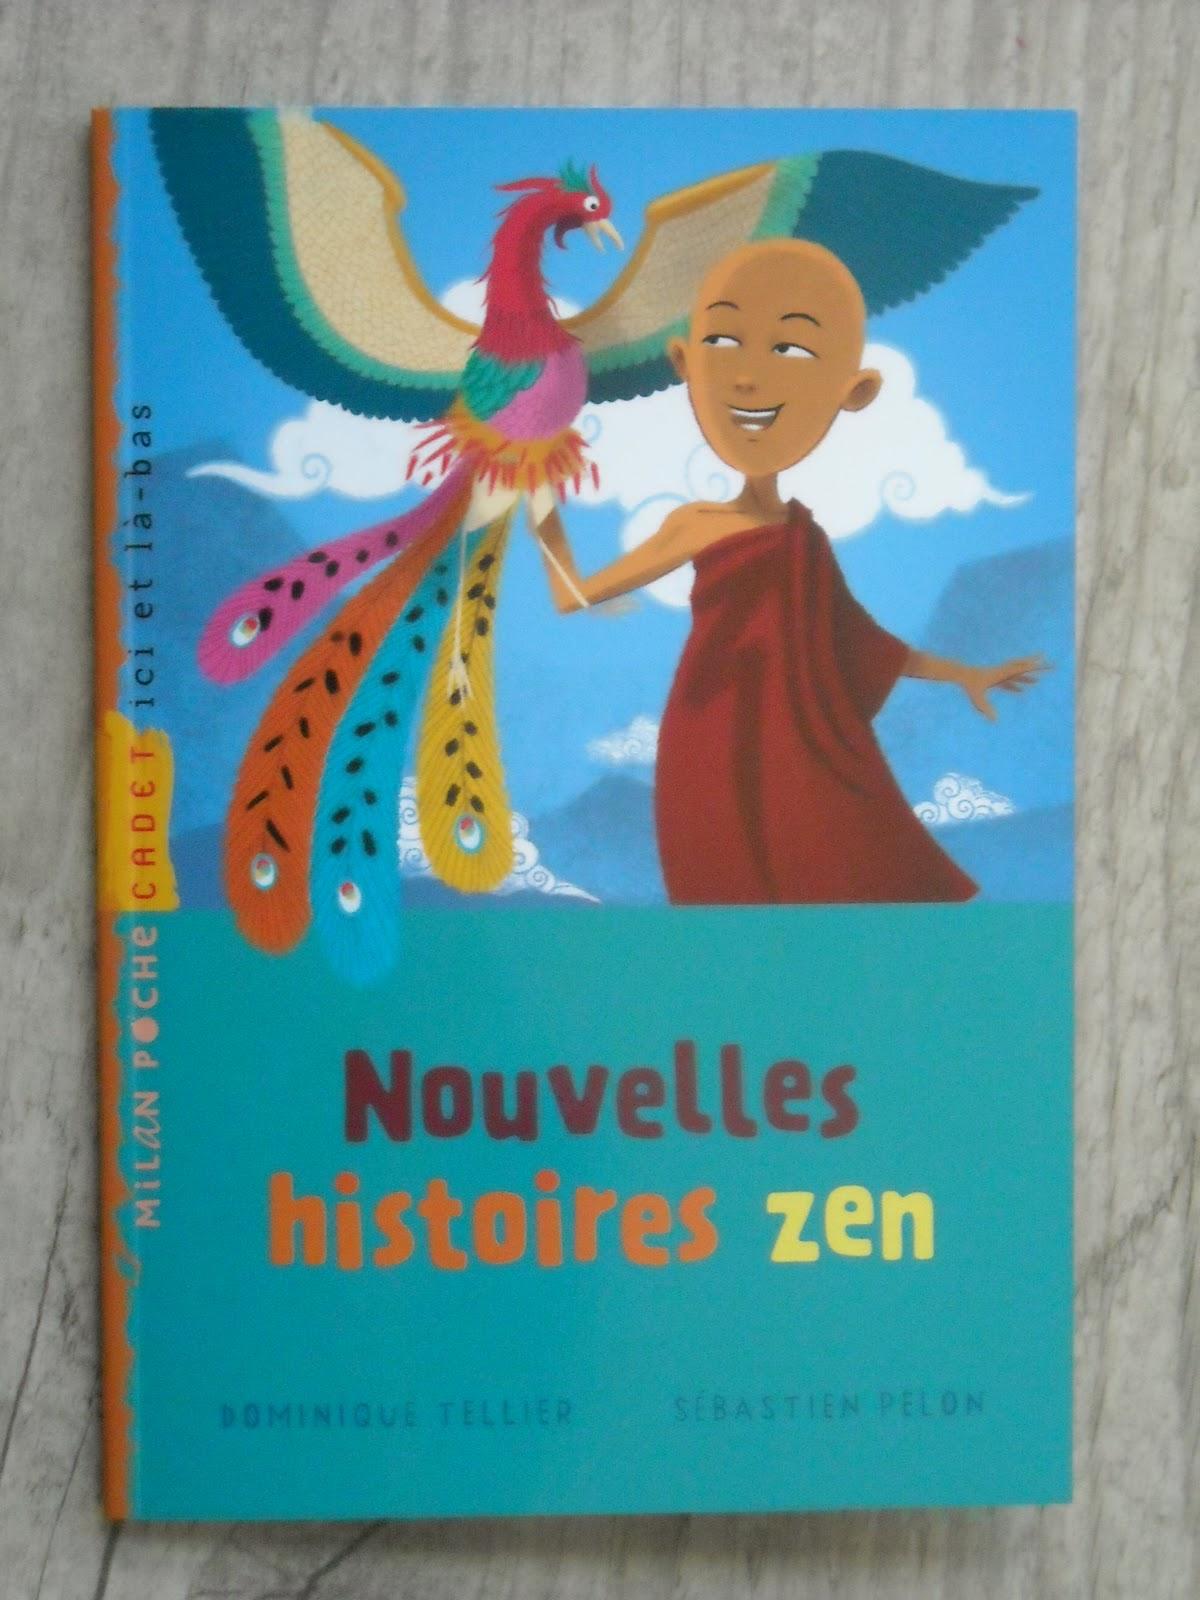 Petites histoires zen - Dominique Tellier